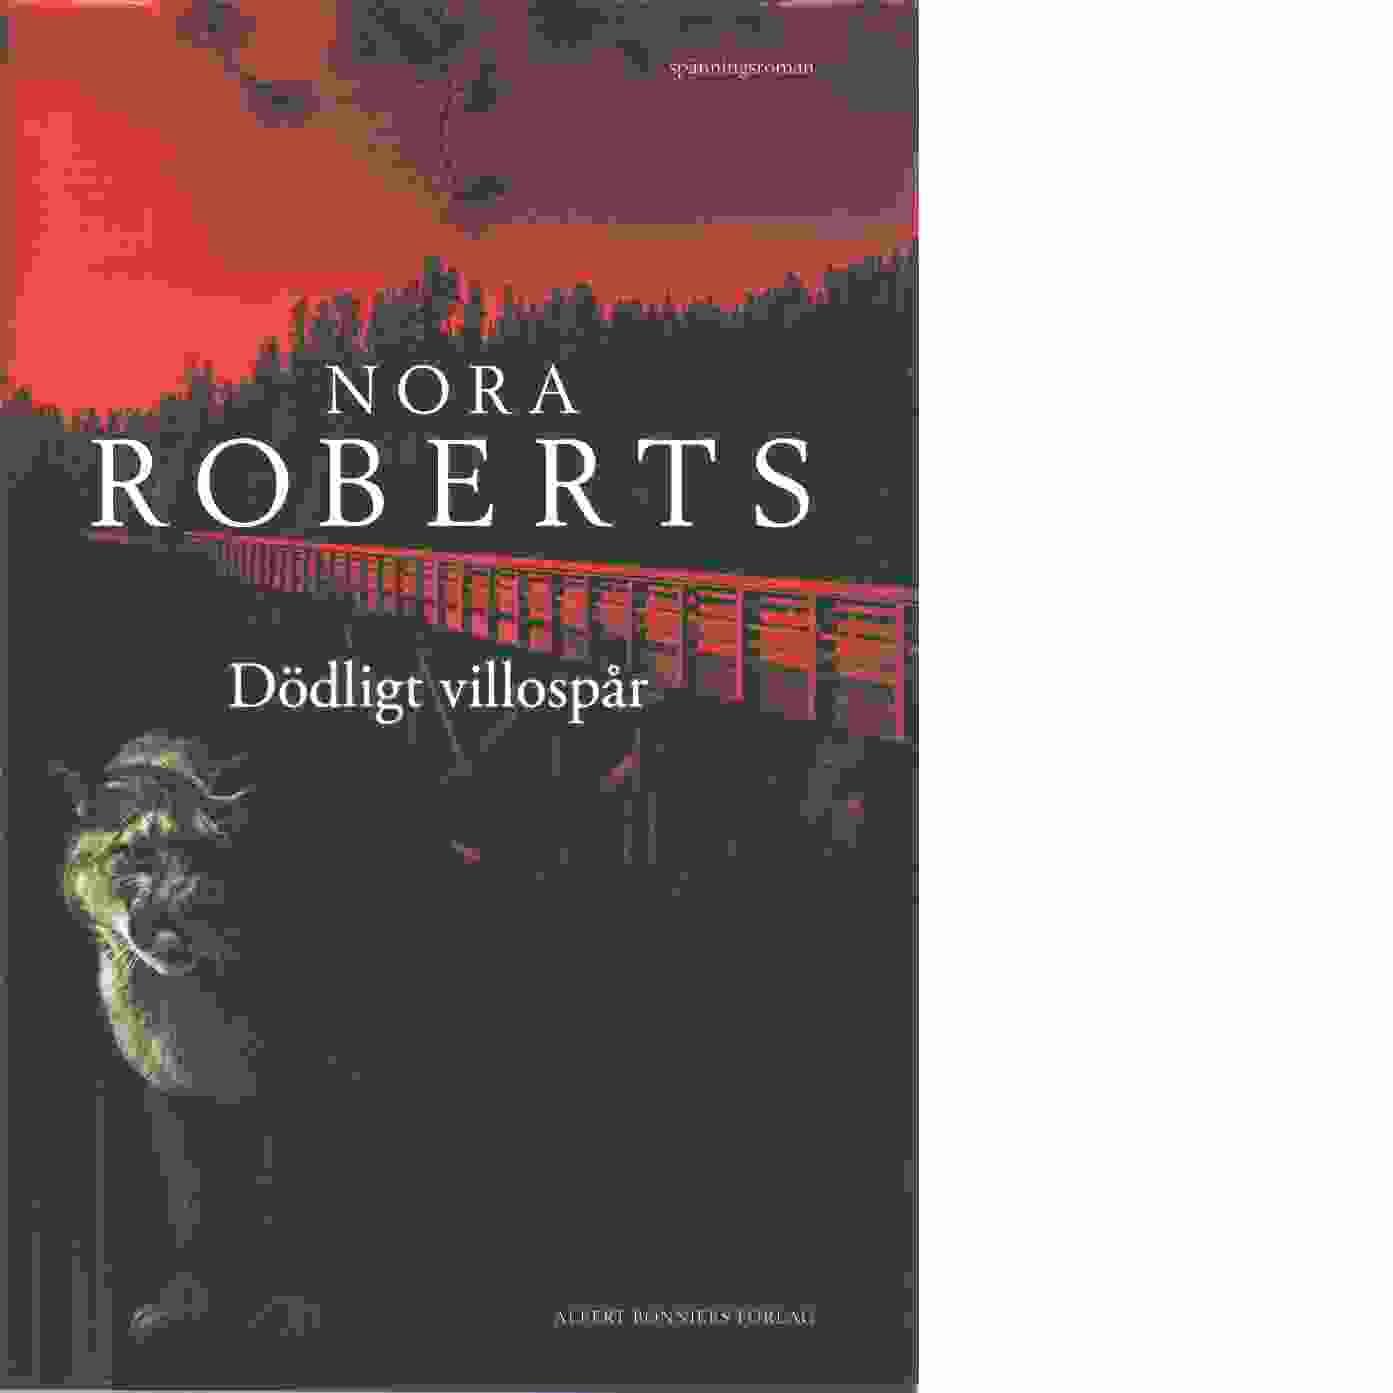 Dödligt villospår - Roberts, Nora